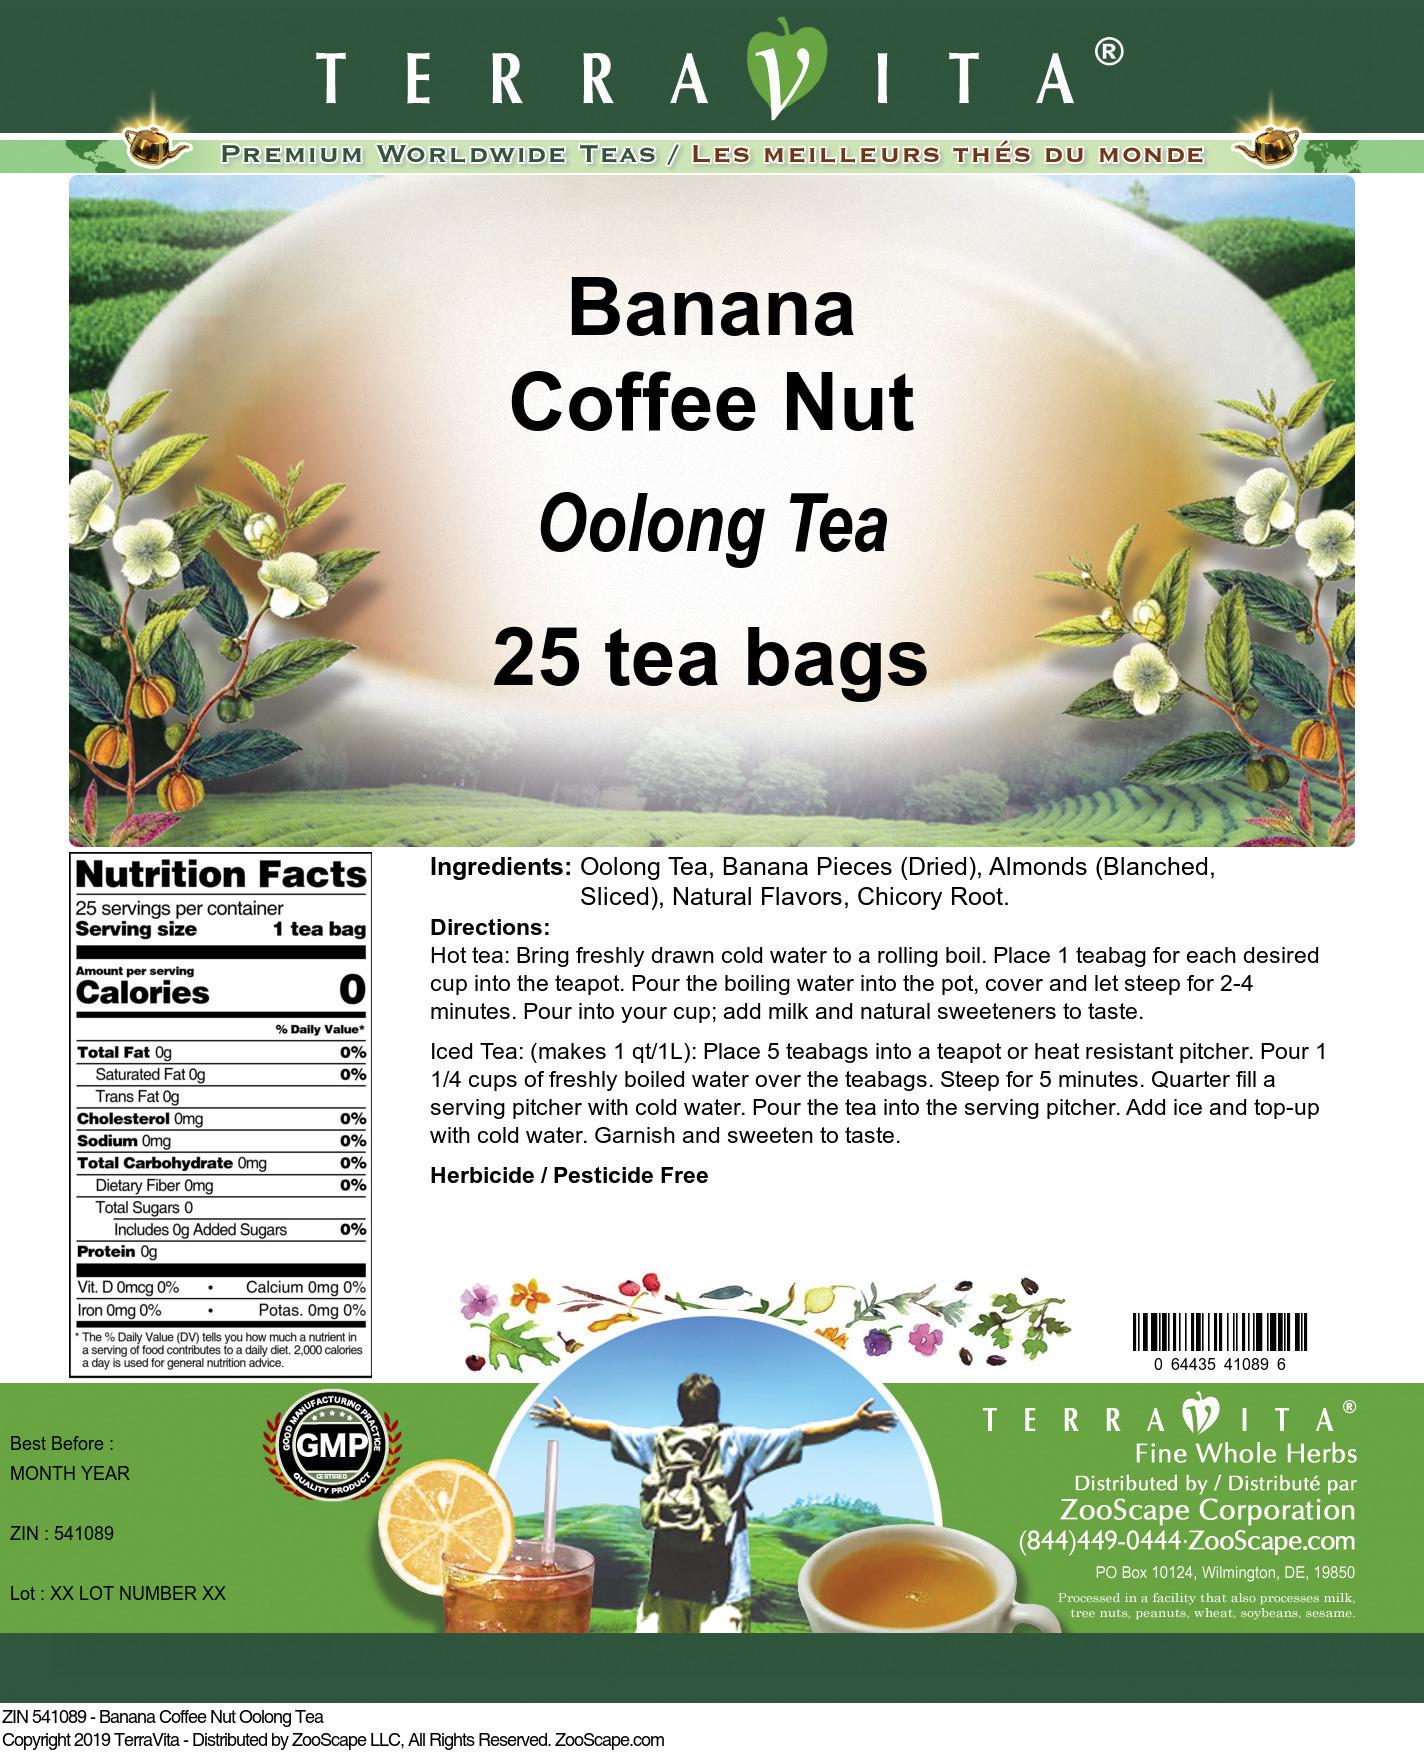 Banana Coffee Nut Oolong Tea